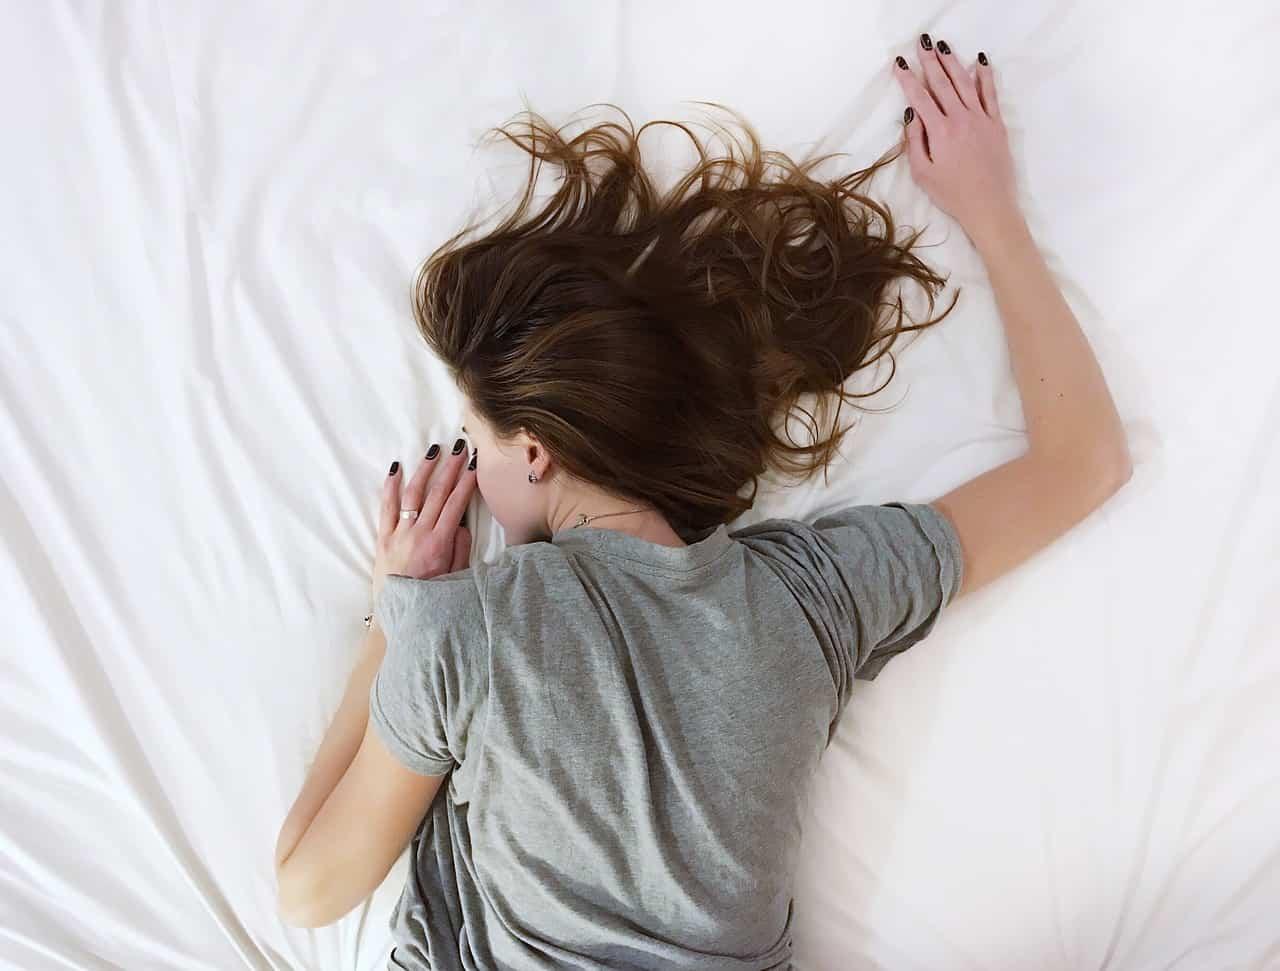 https://pixabay.com/en/white-sheet-bed-room-people-girl-2565766/